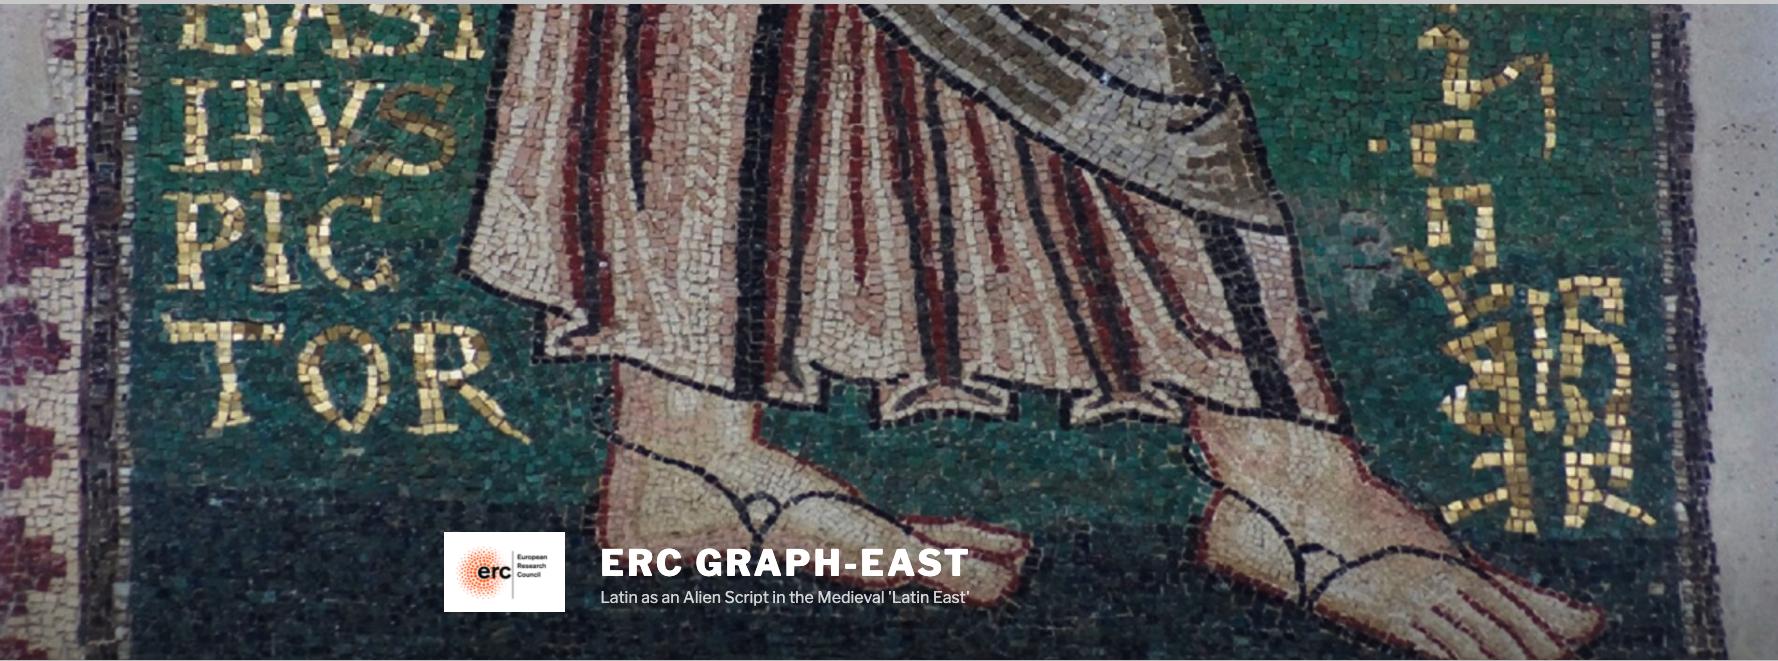 PROJET ERC : actualité du projet «GRAPH-EAST»